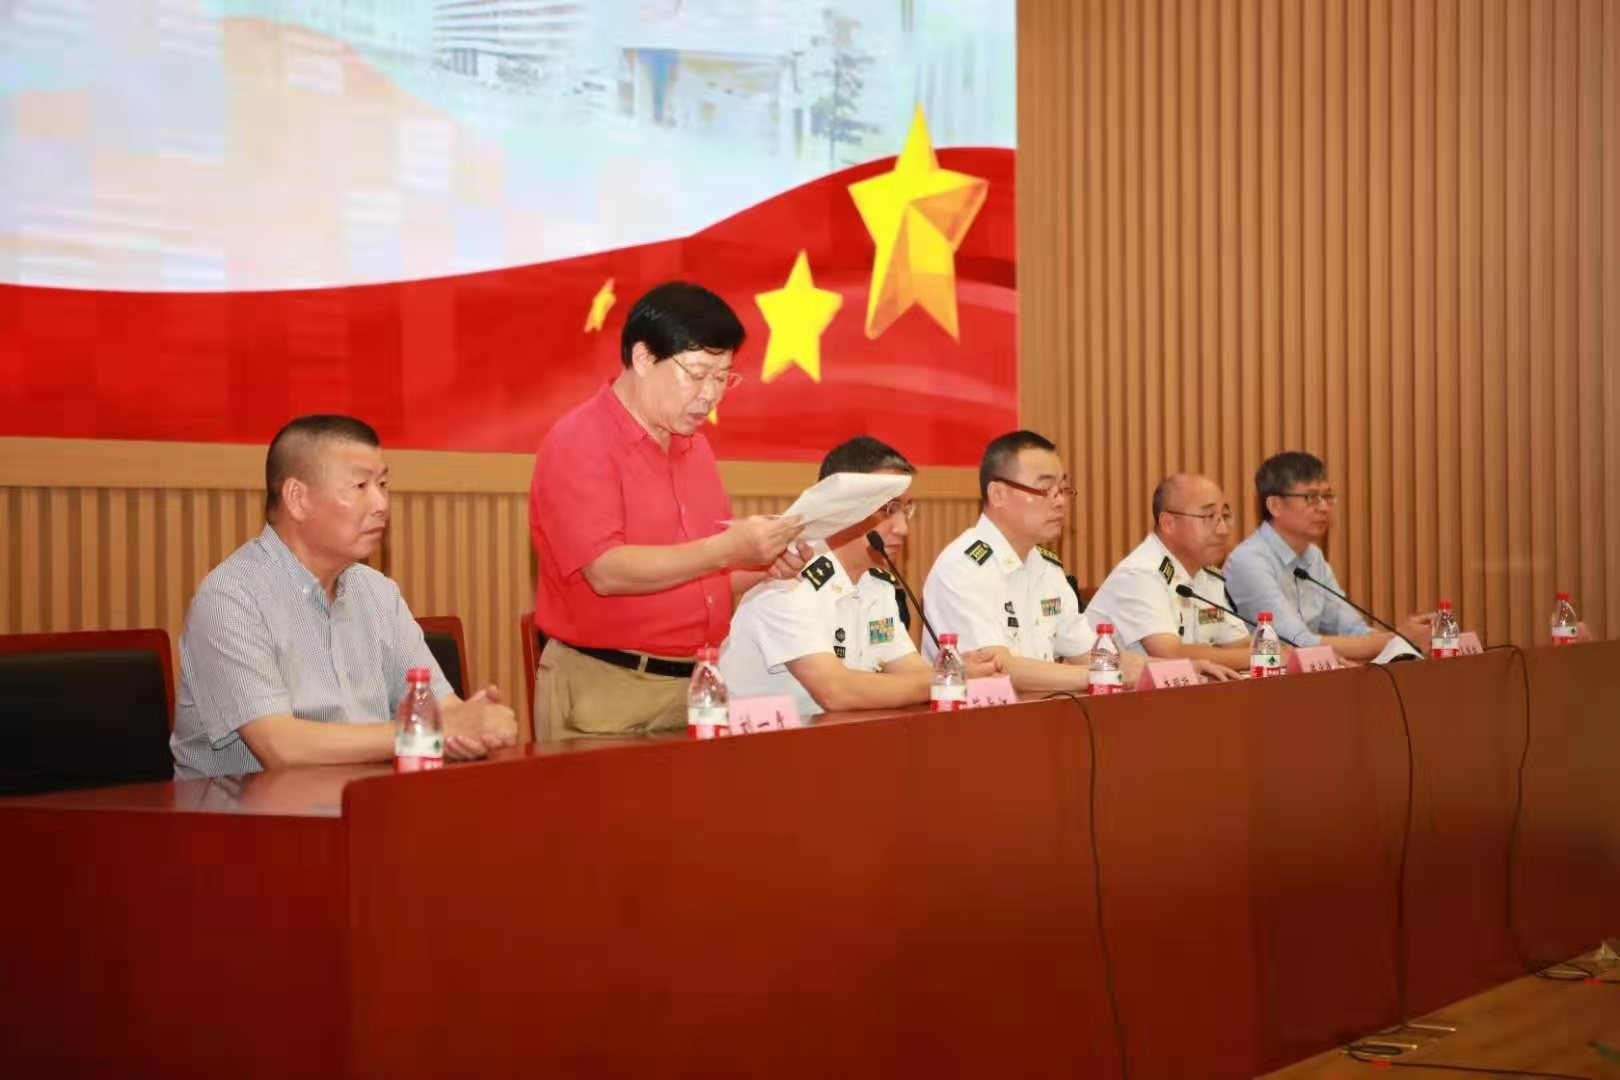 海军军医大学7O周年校庆上海举行隆重庆典